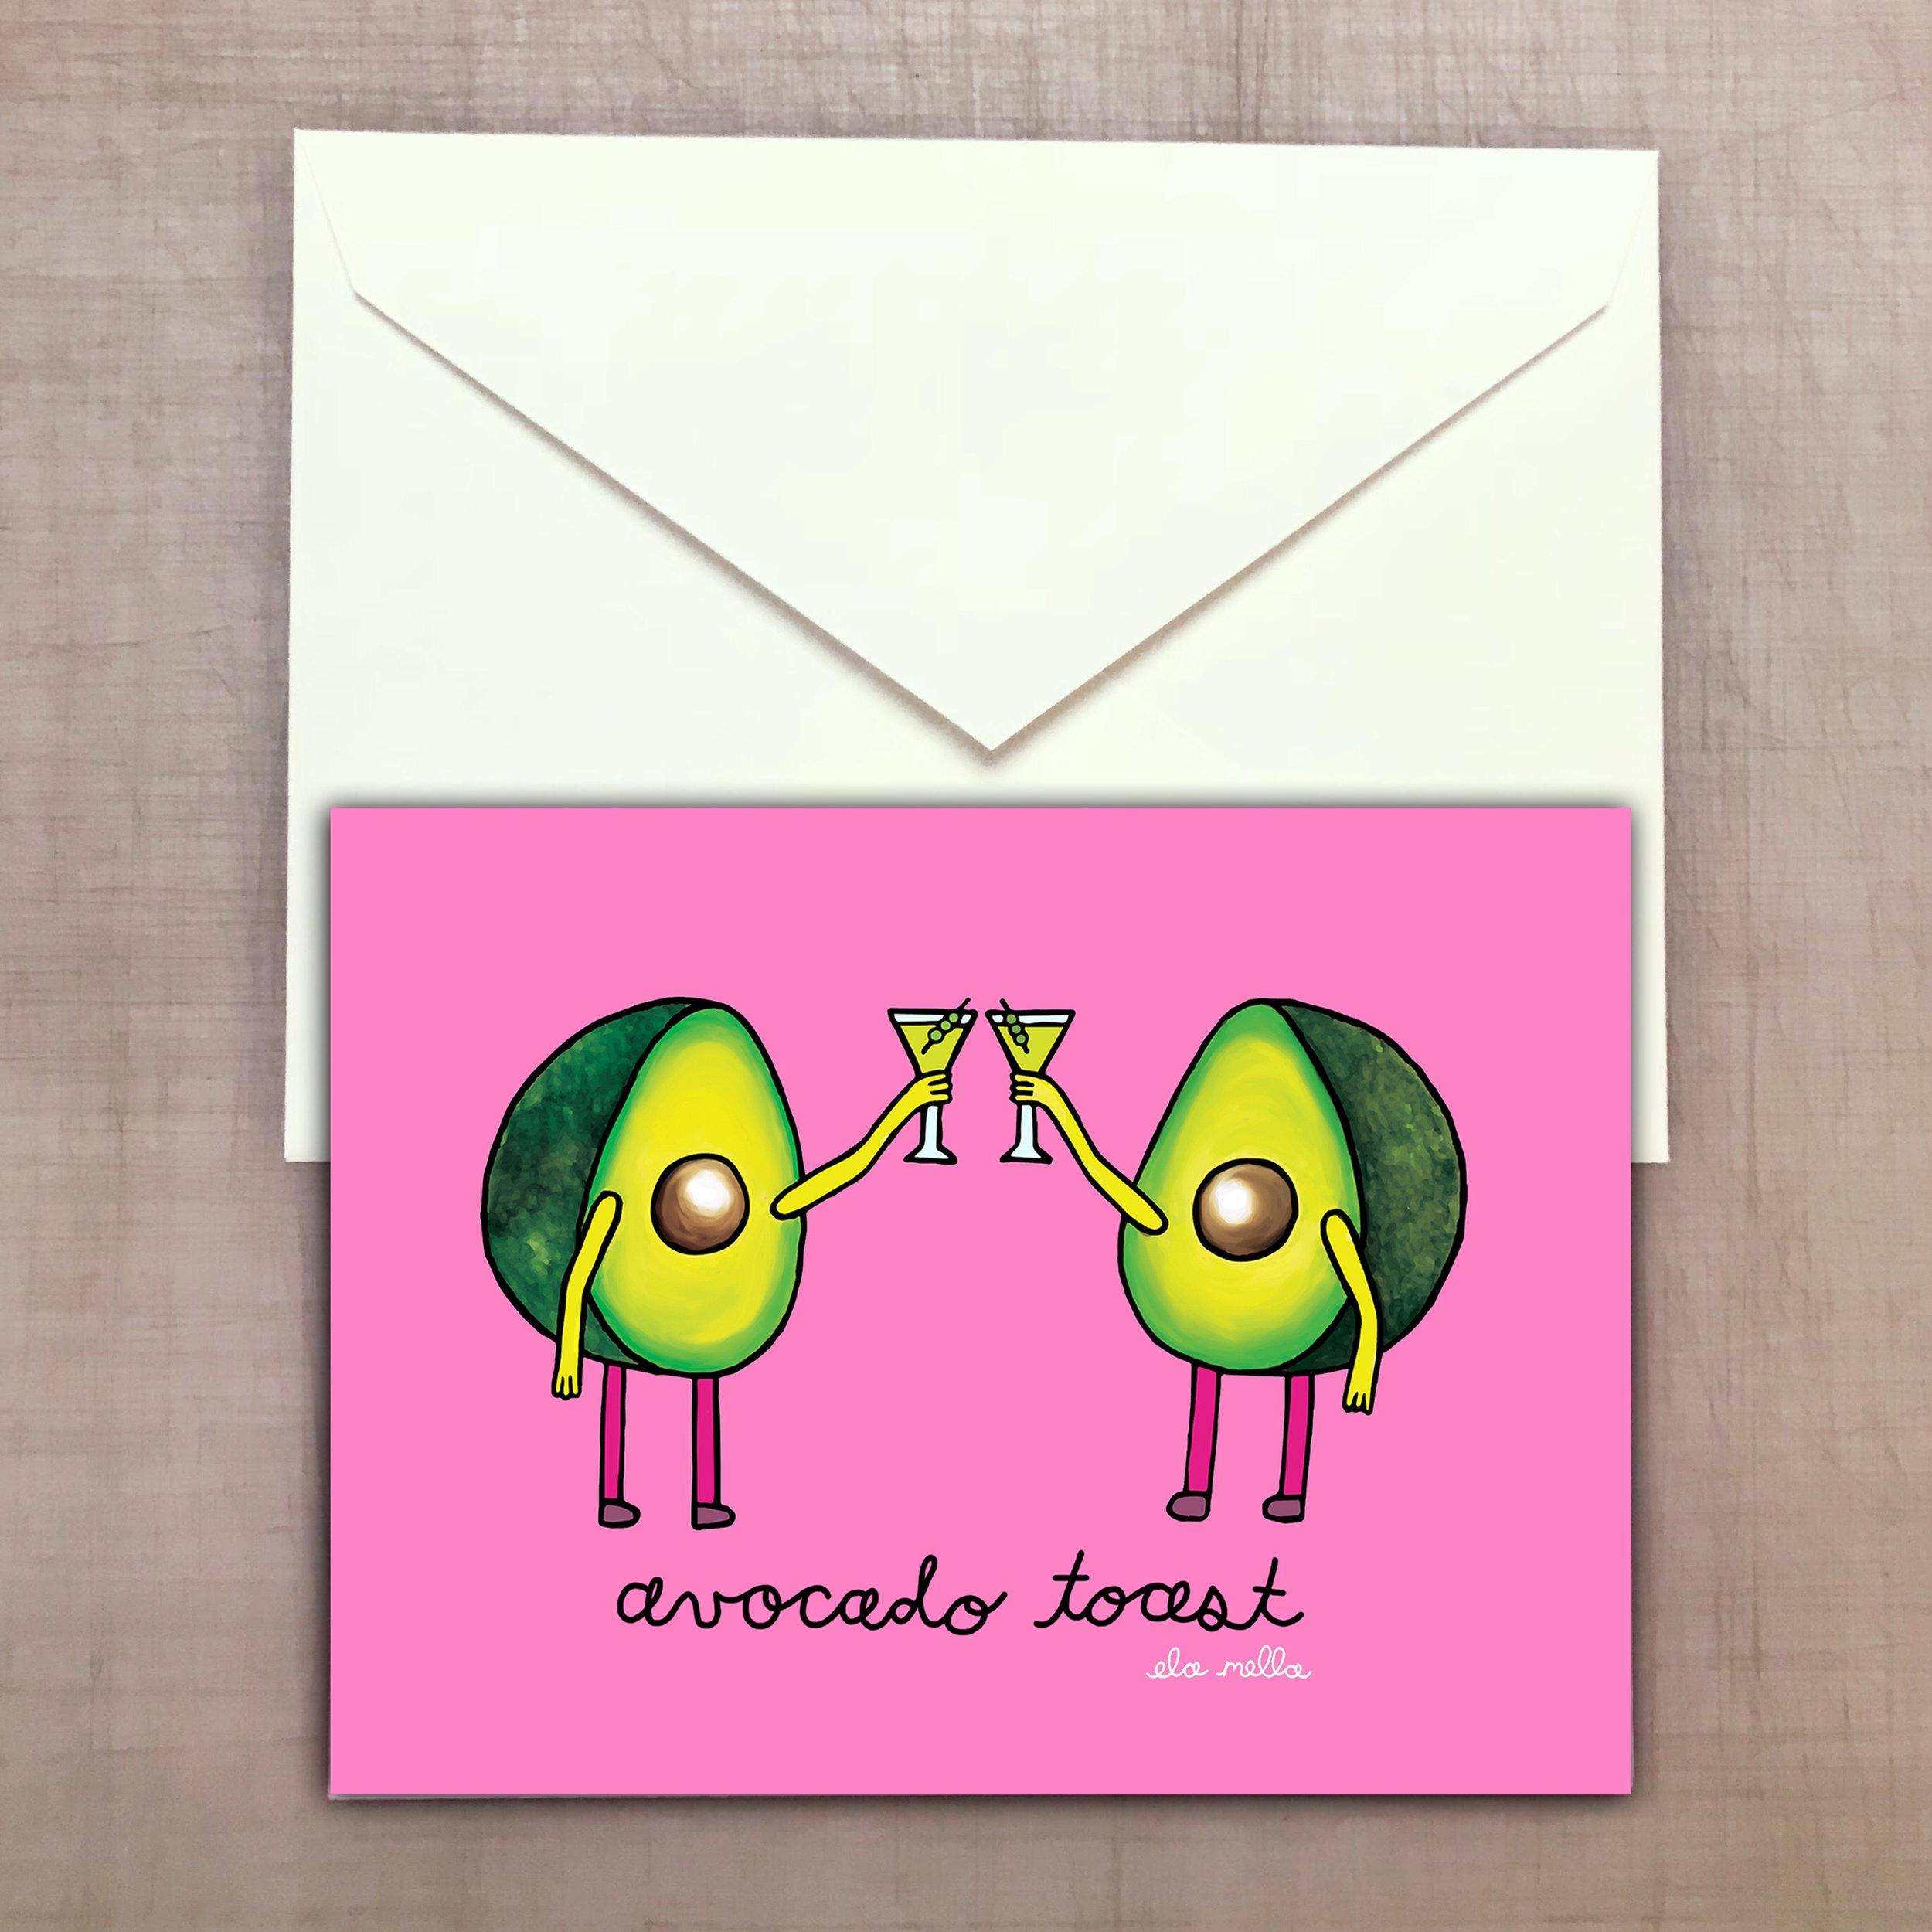 Avocado Toast Greeting Card.jpg